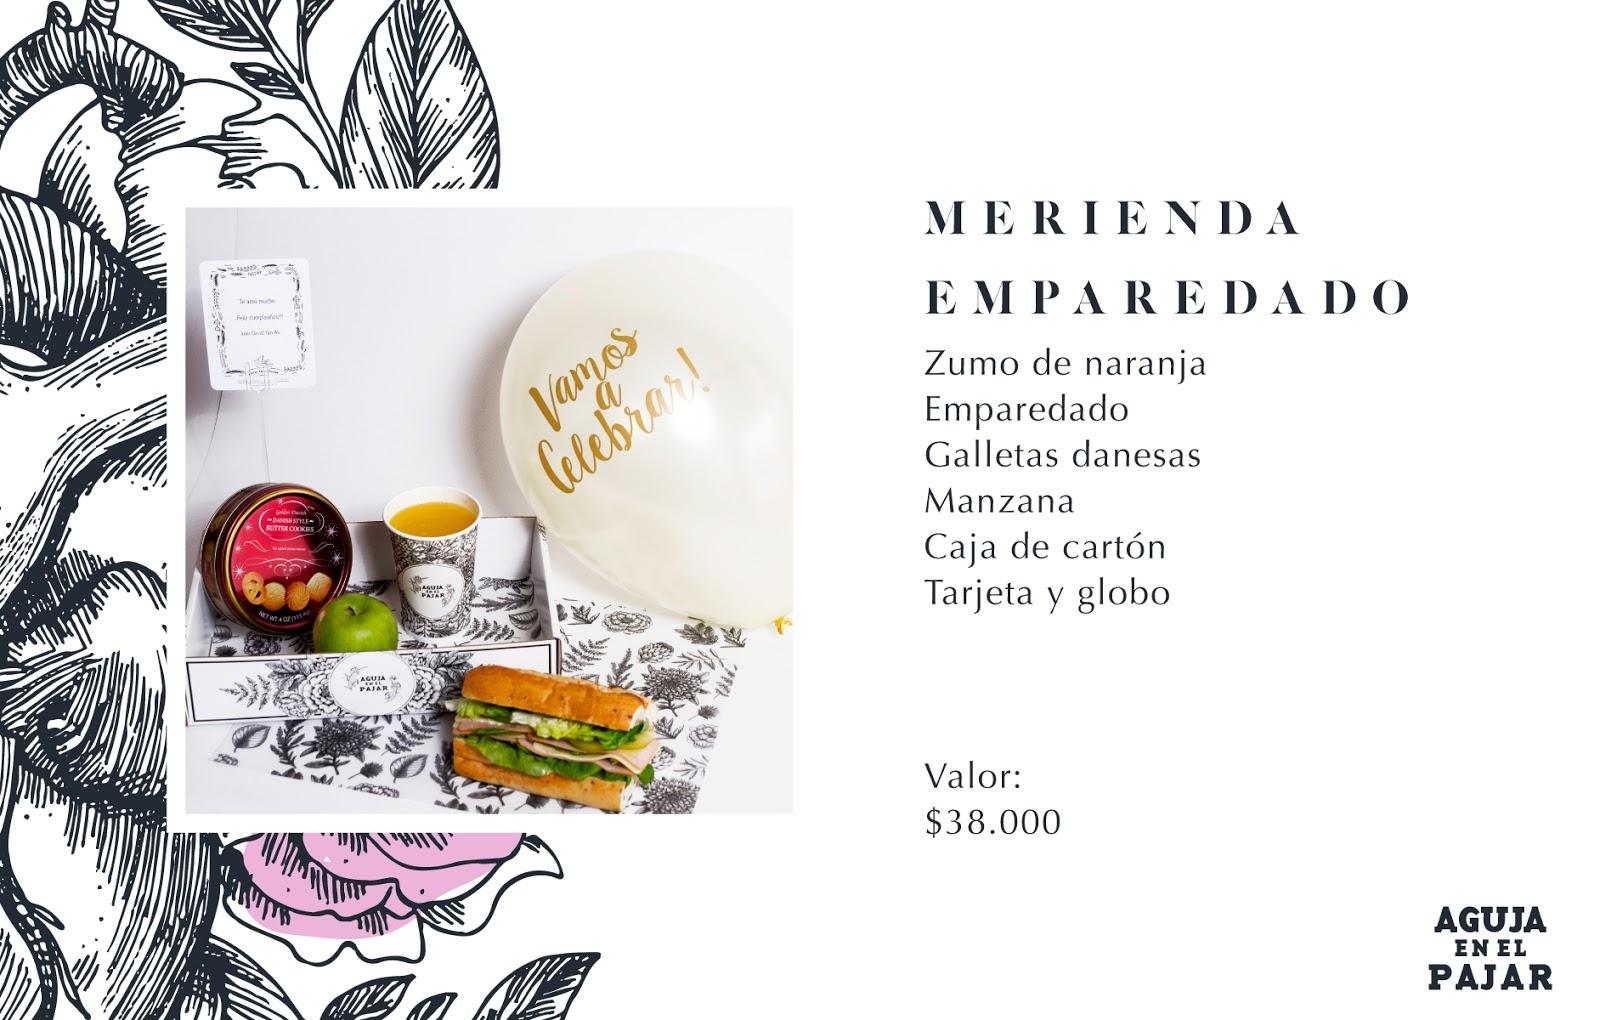 MERIENDA EMPARADEDADO